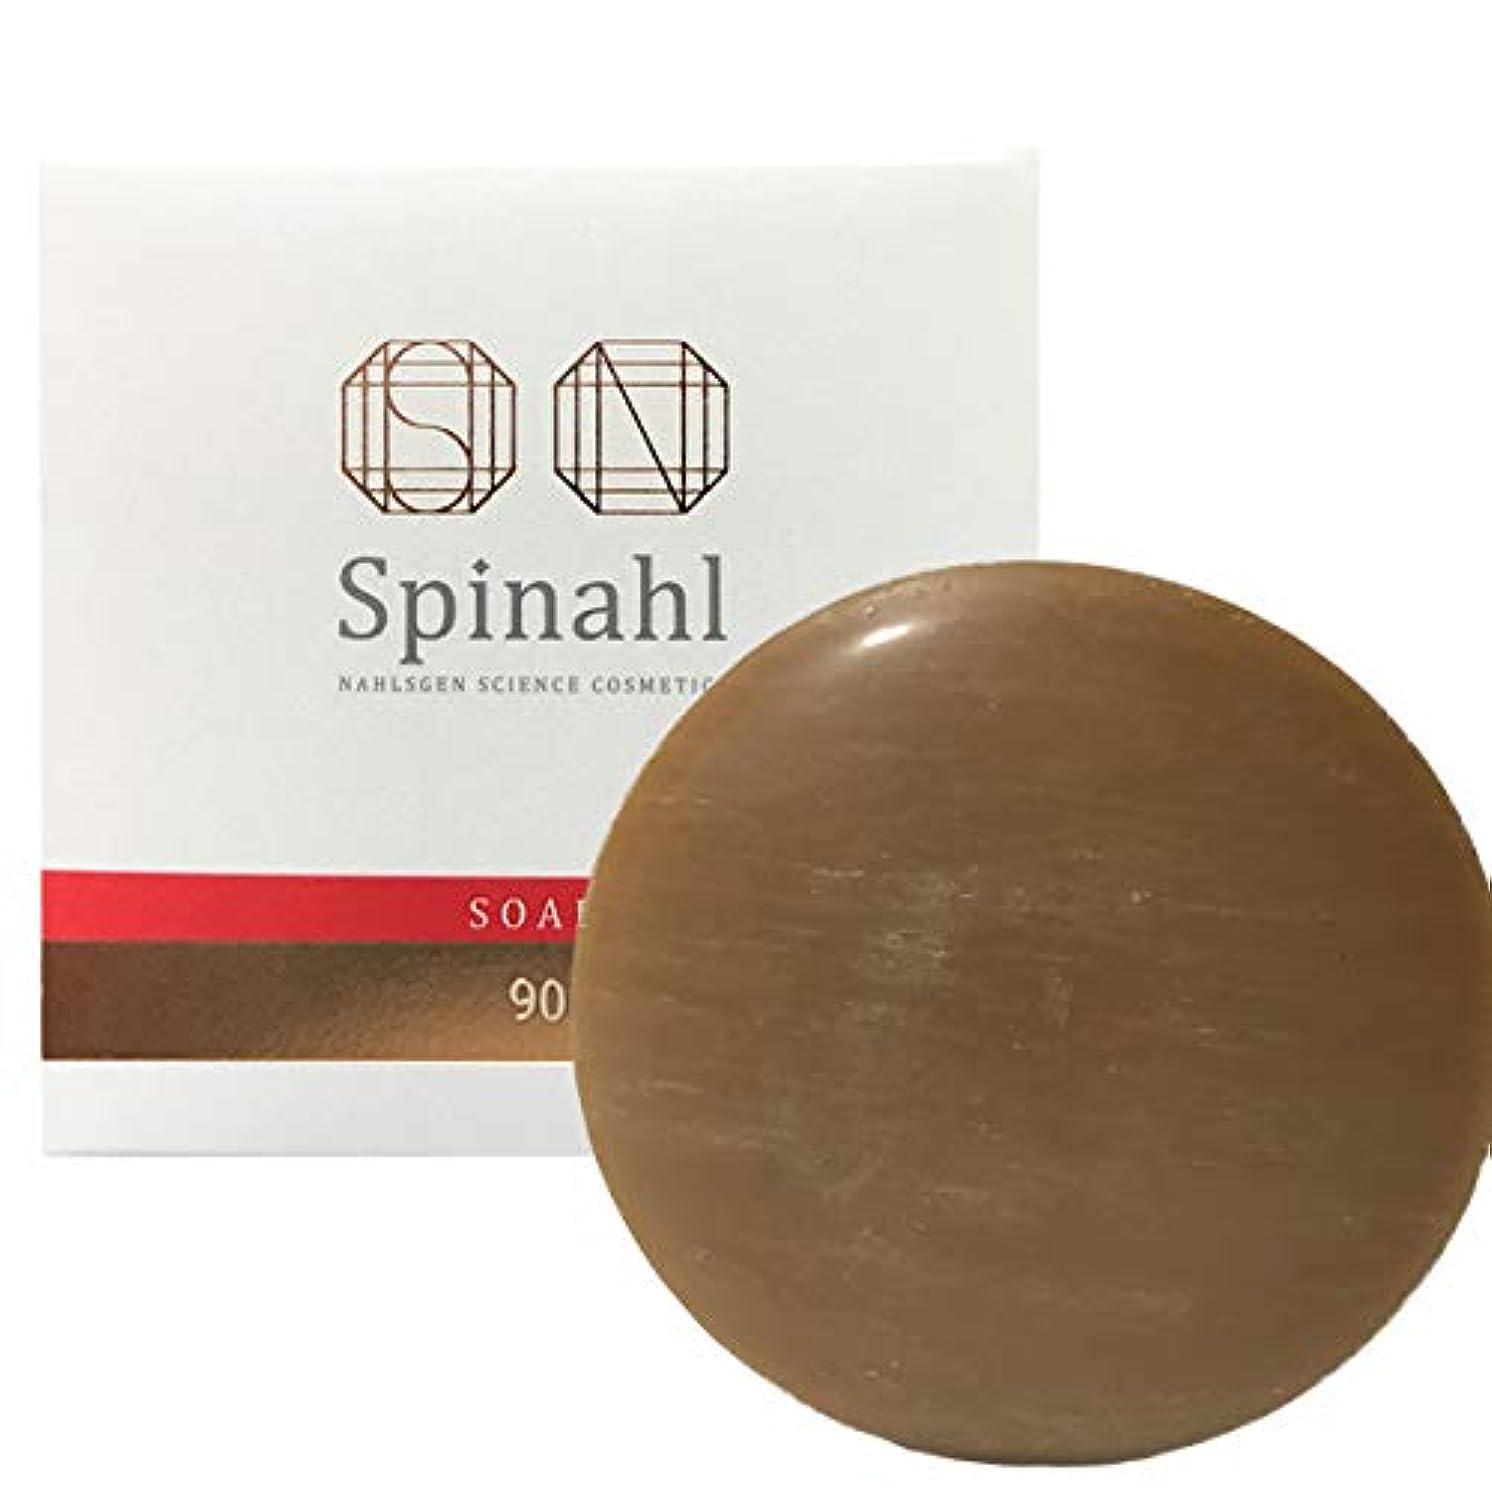 モードリン事務所強化するスピナールソープ Spinahl soap 2個セット